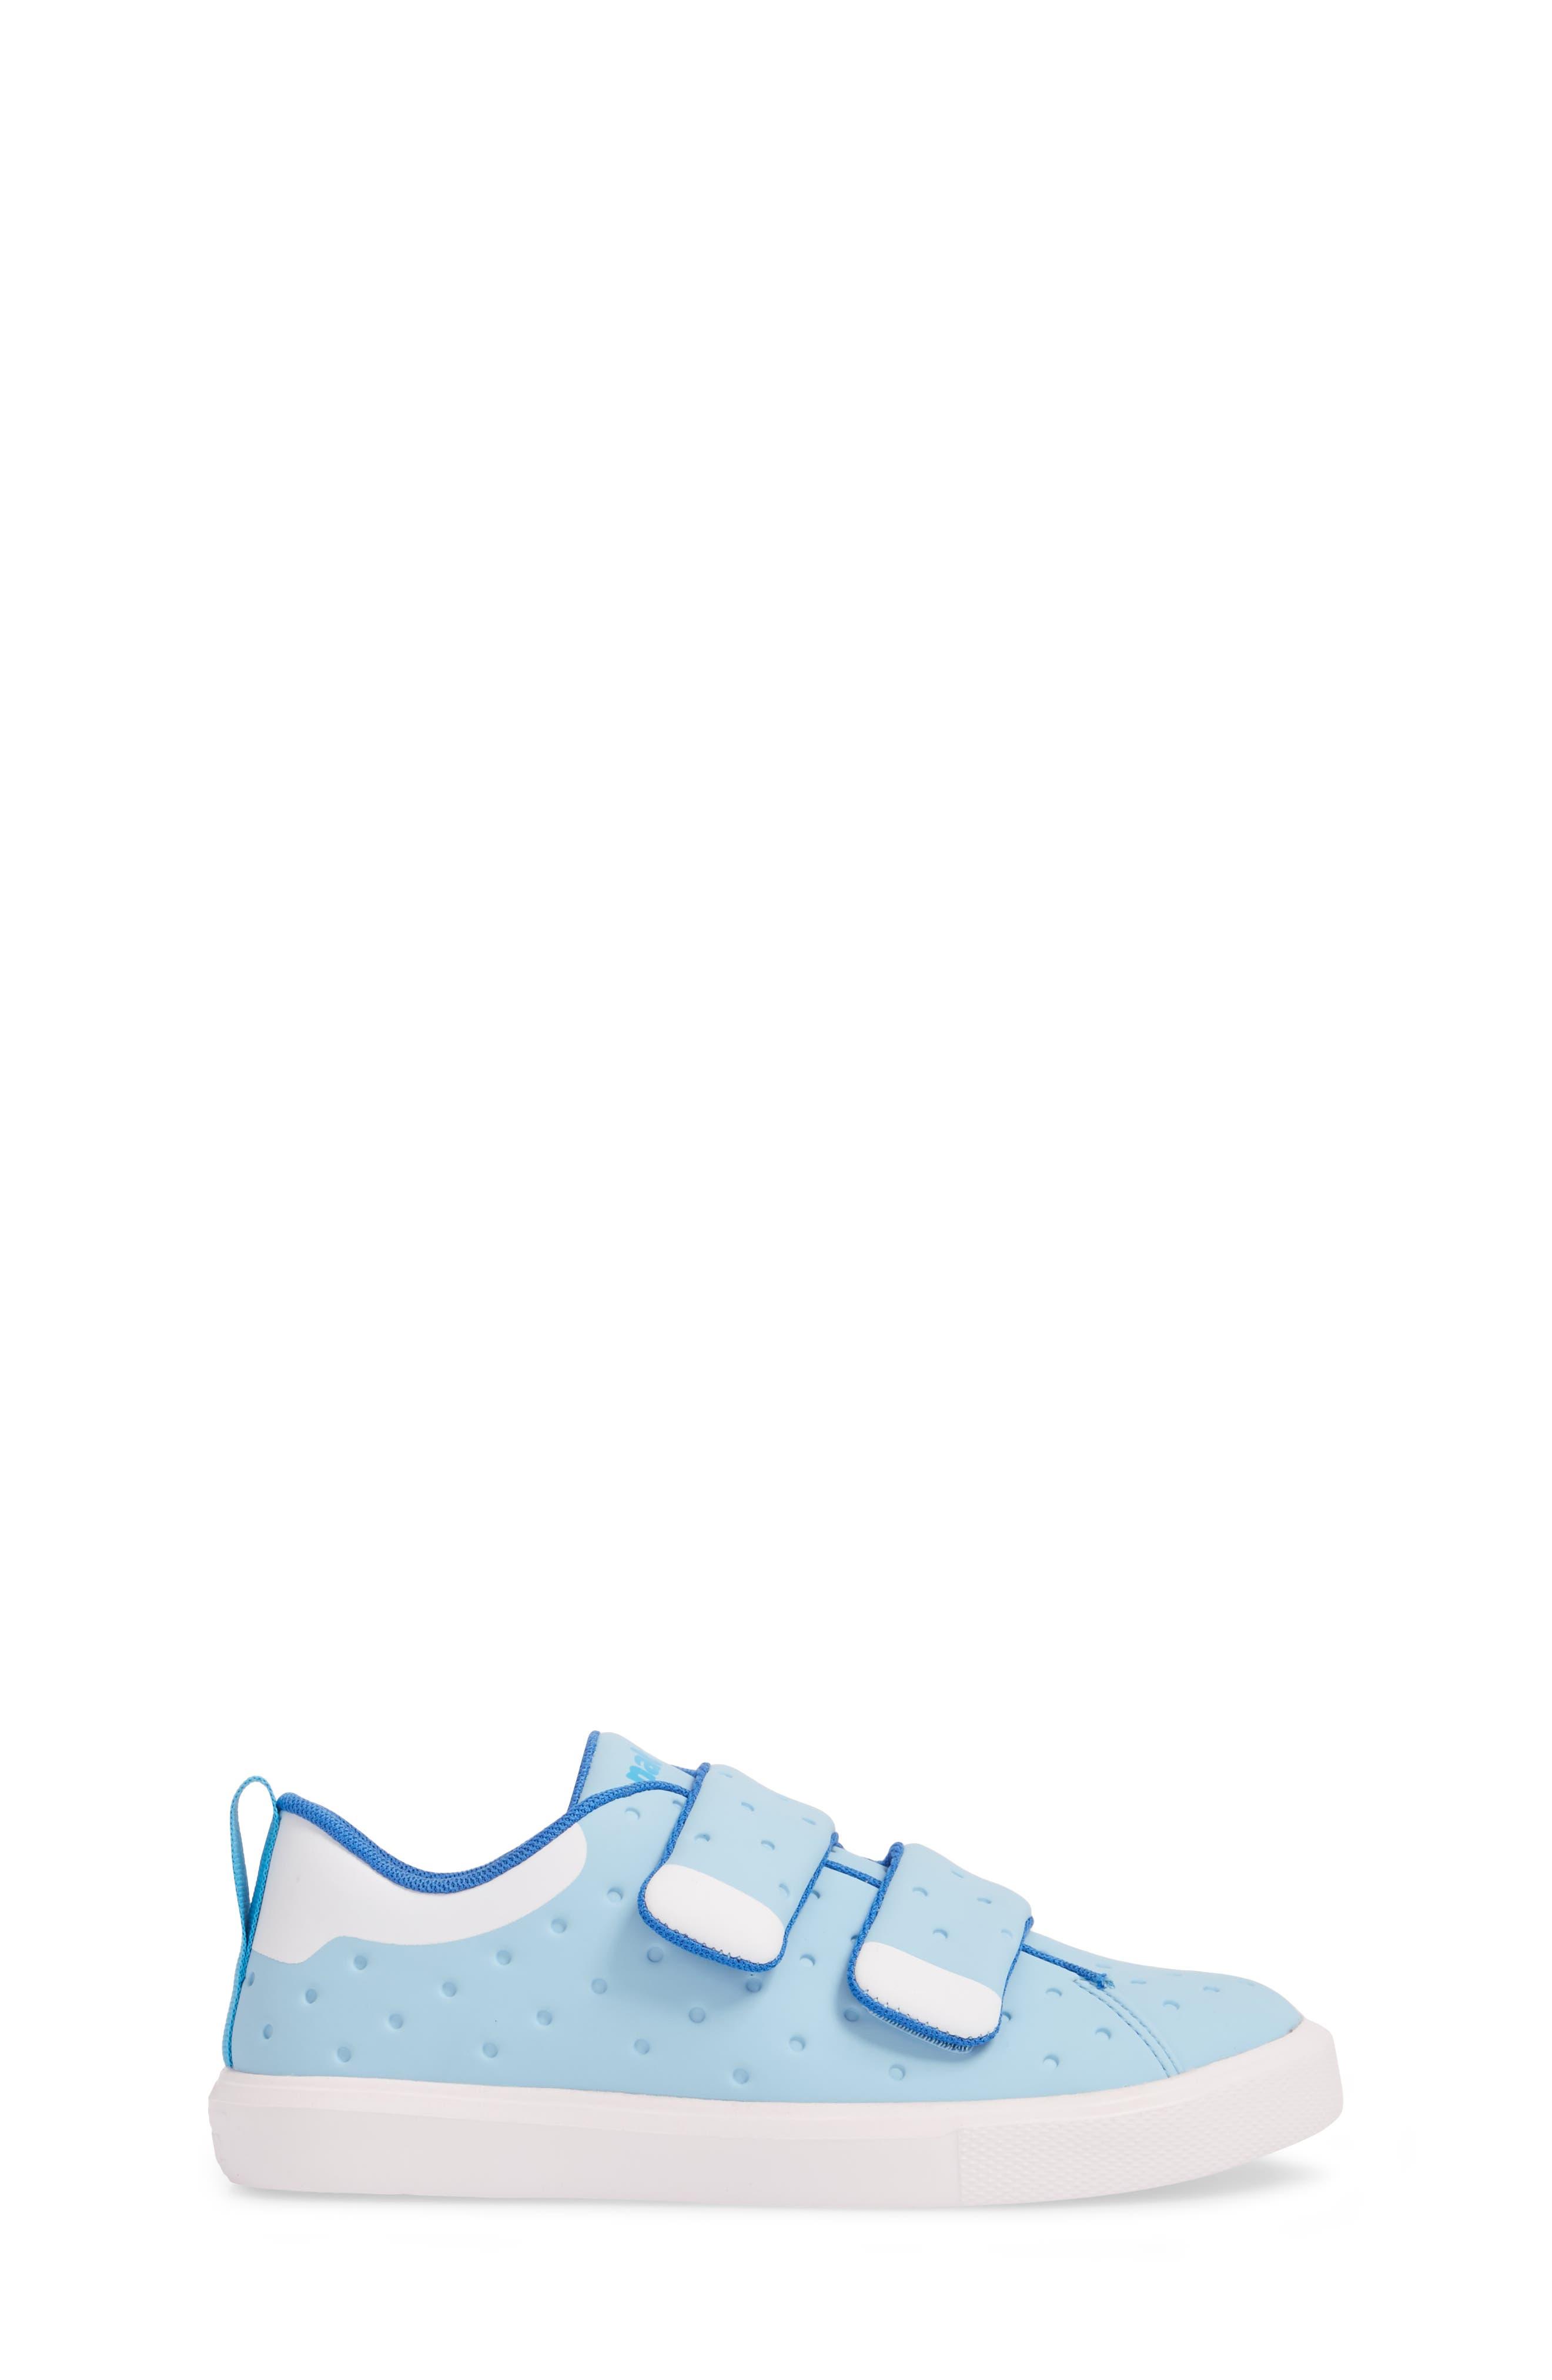 Monaco Sneaker,                             Alternate thumbnail 3, color,                             Sky Blue/ Shell White